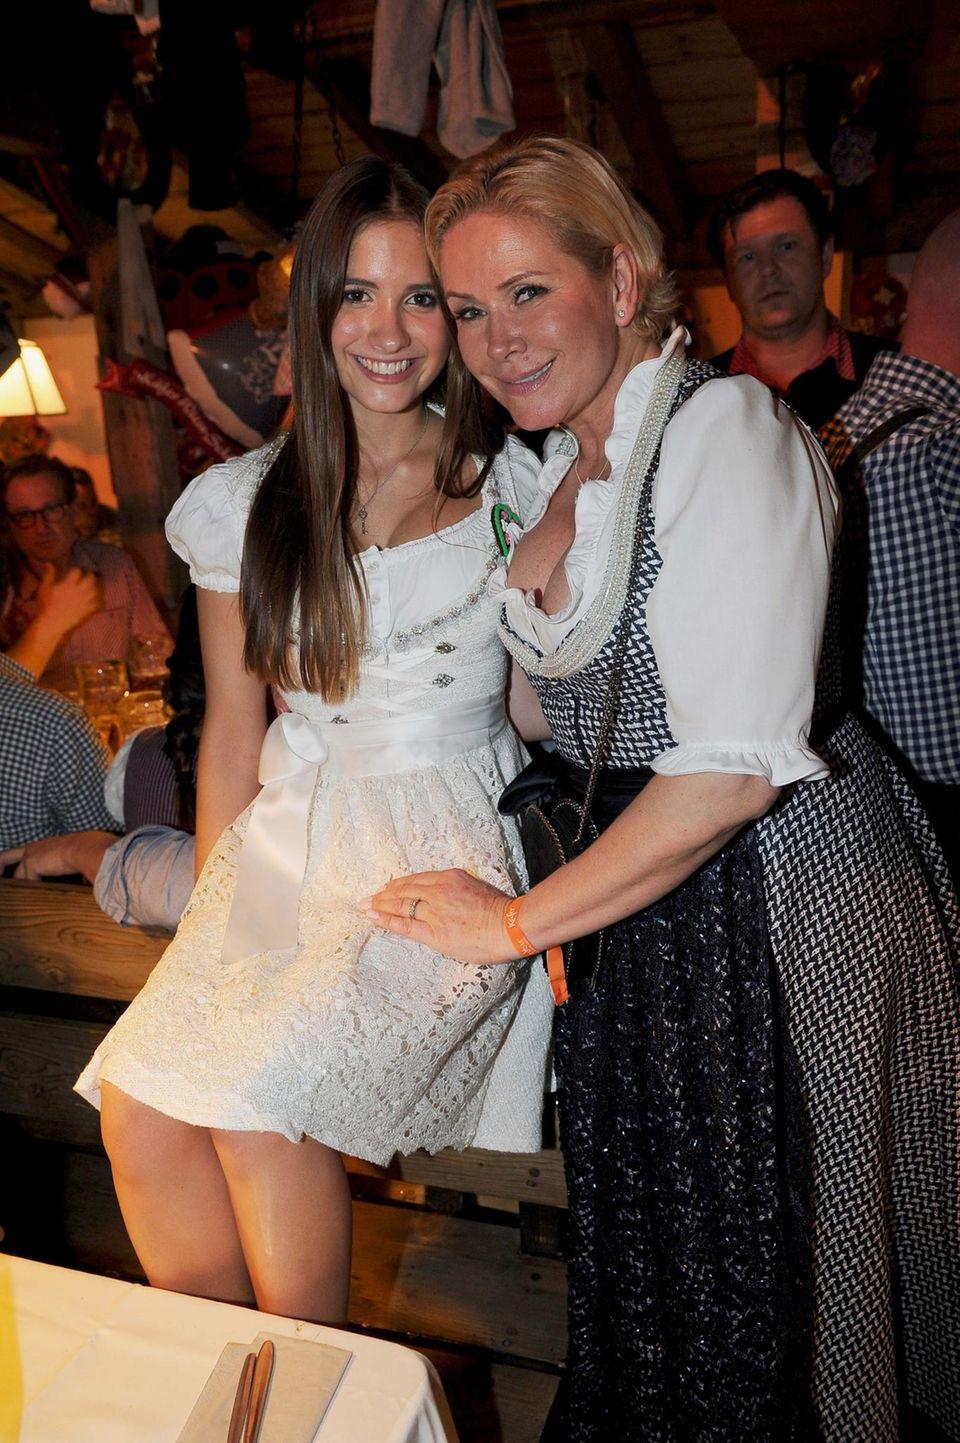 Auch das Töchterchen darf mit aufs Oktoberfest: Claudia Effenberg und ihre Tochter Lucia feiern in München.